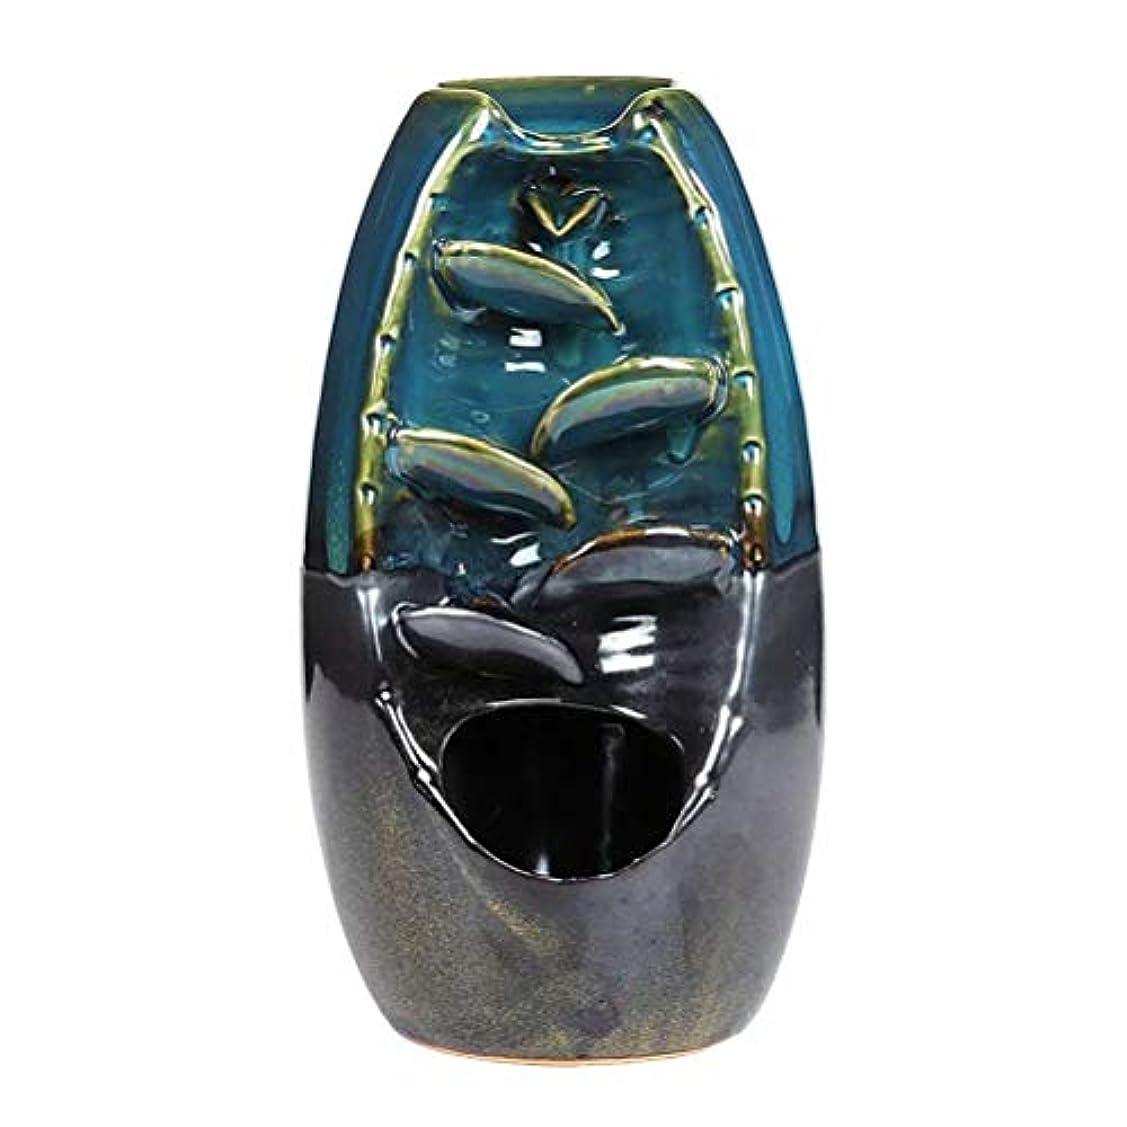 サドル文字スペインVosarea 逆流香バーナー滝香ホルダーアロマ飾り仏教用品(青)